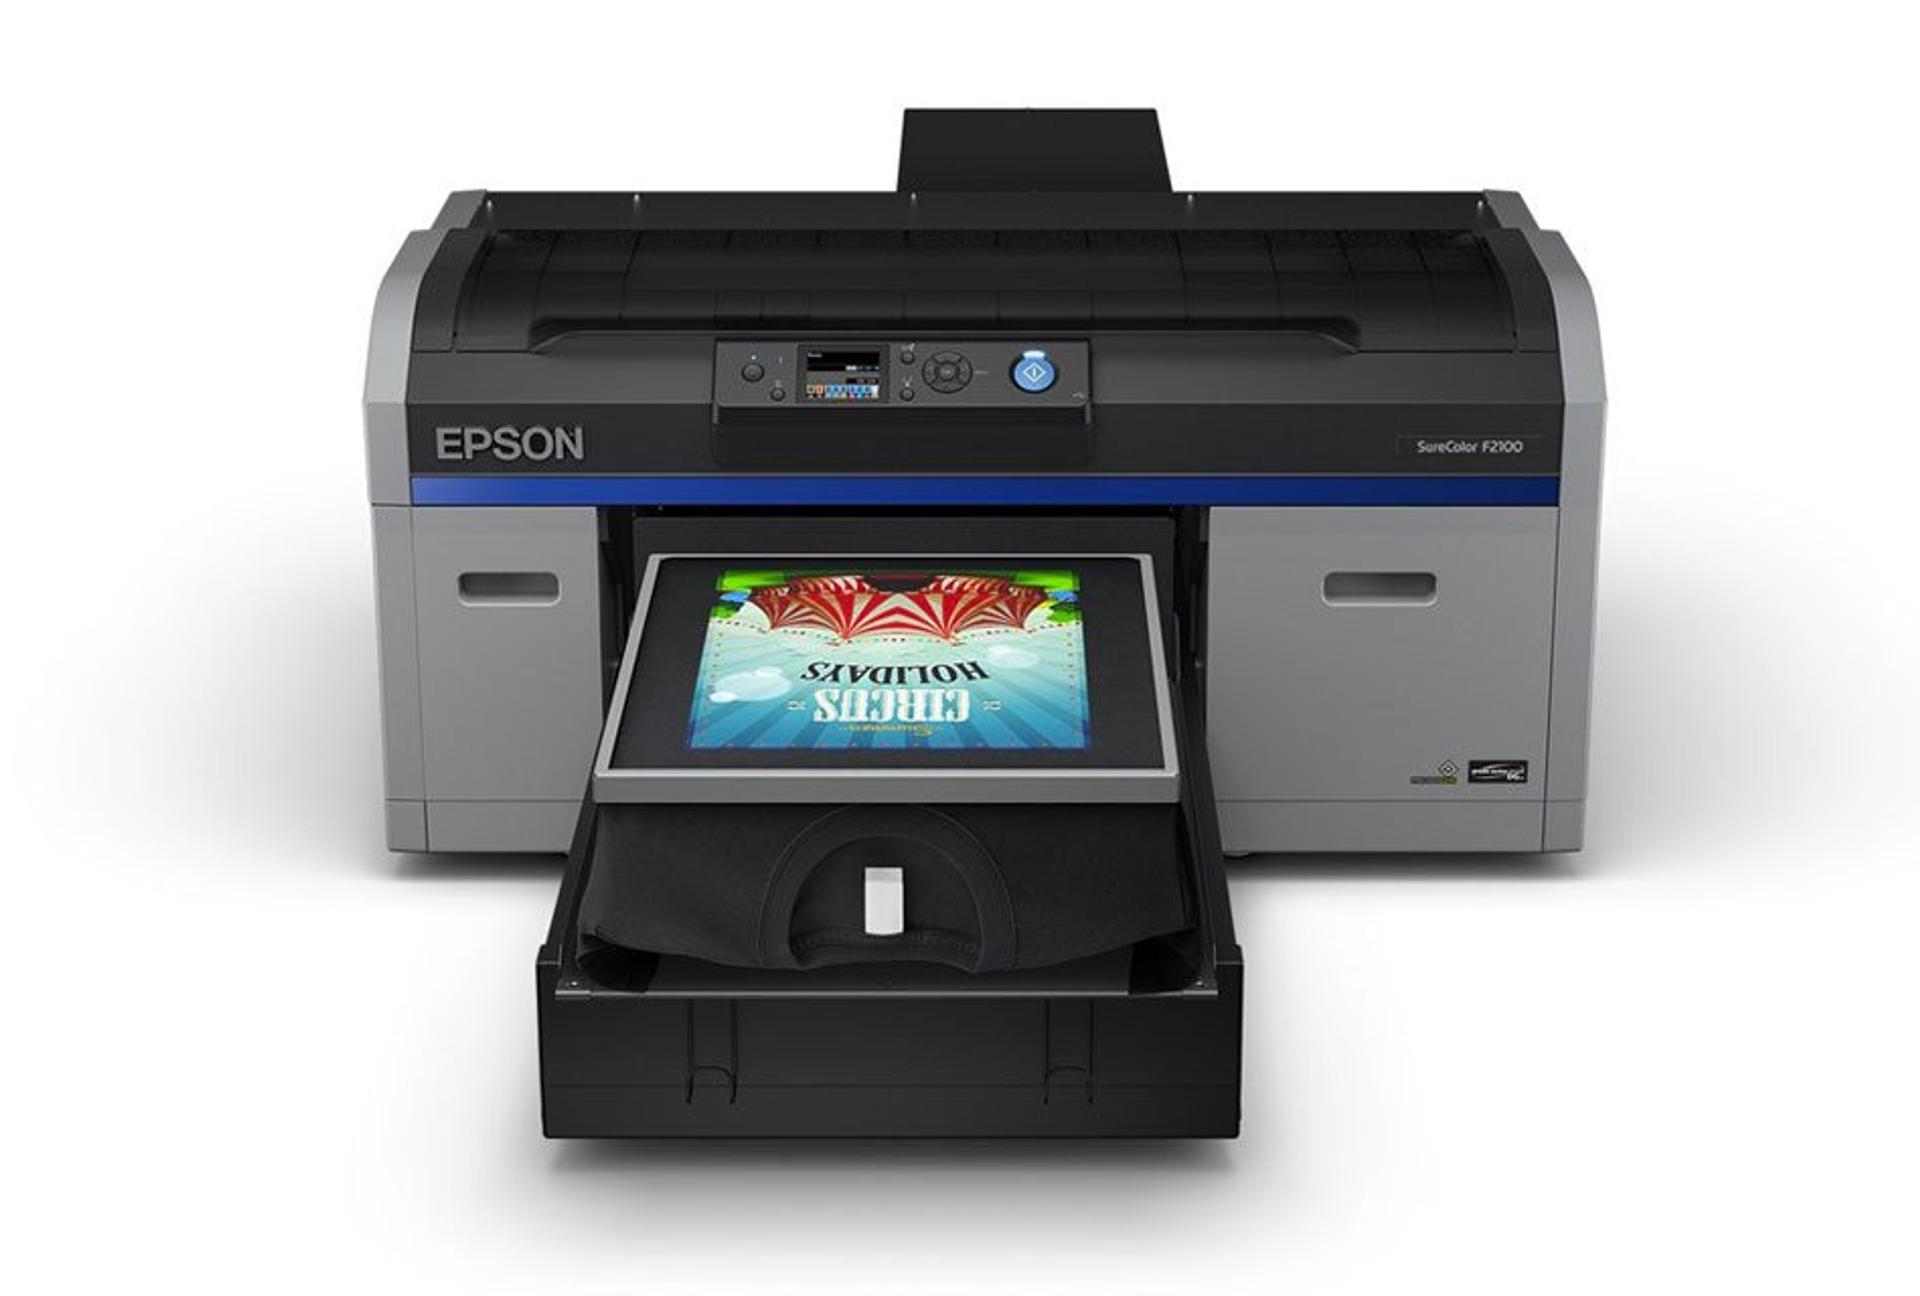 epson home DTG printer